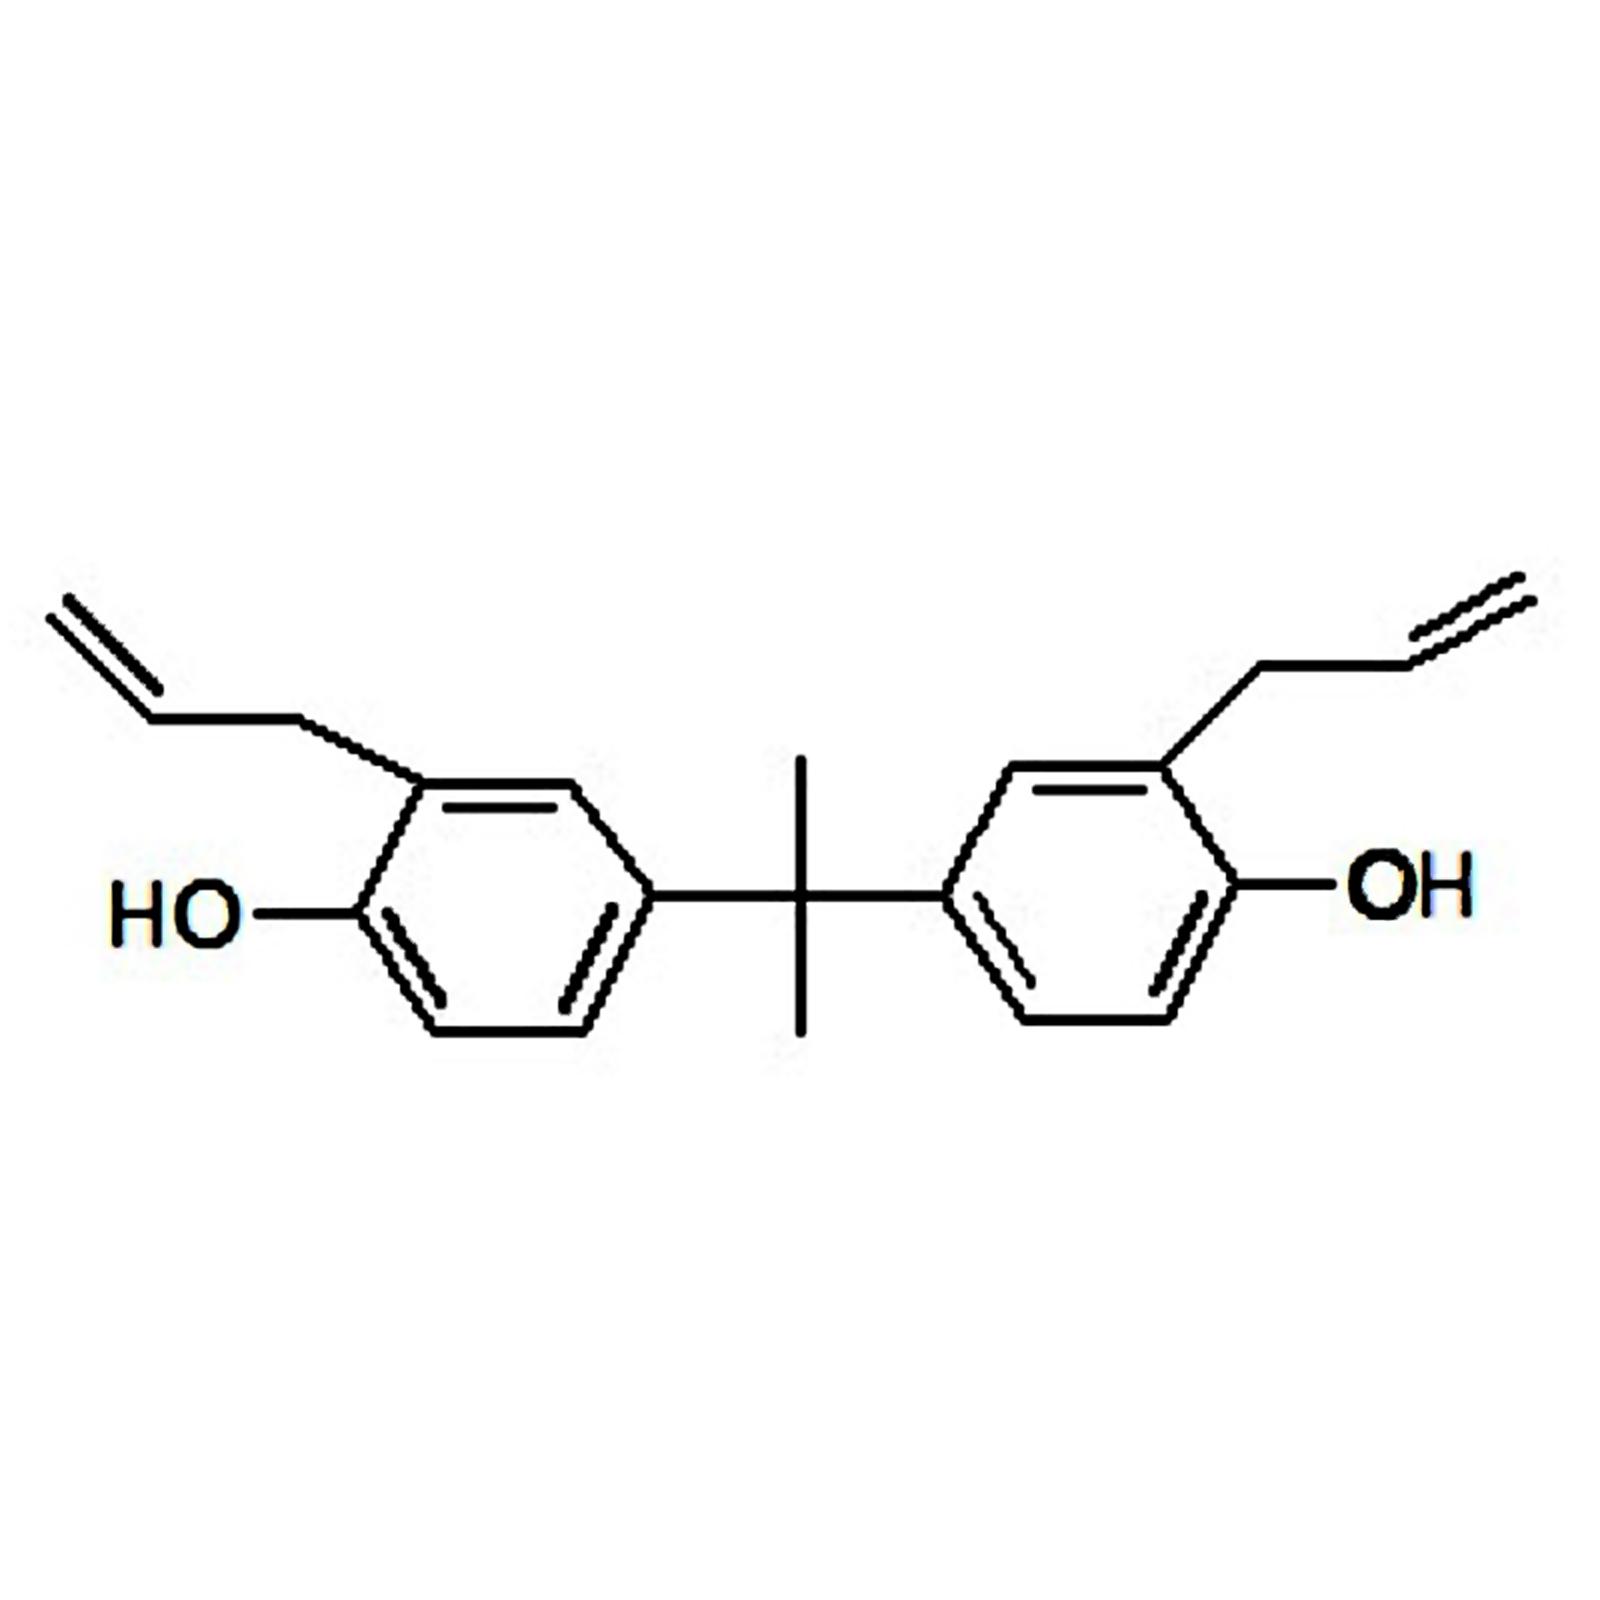 DABPA, ODABPA, Di-Allyl-Bisphenol-A, Cas no. 1745-89-7